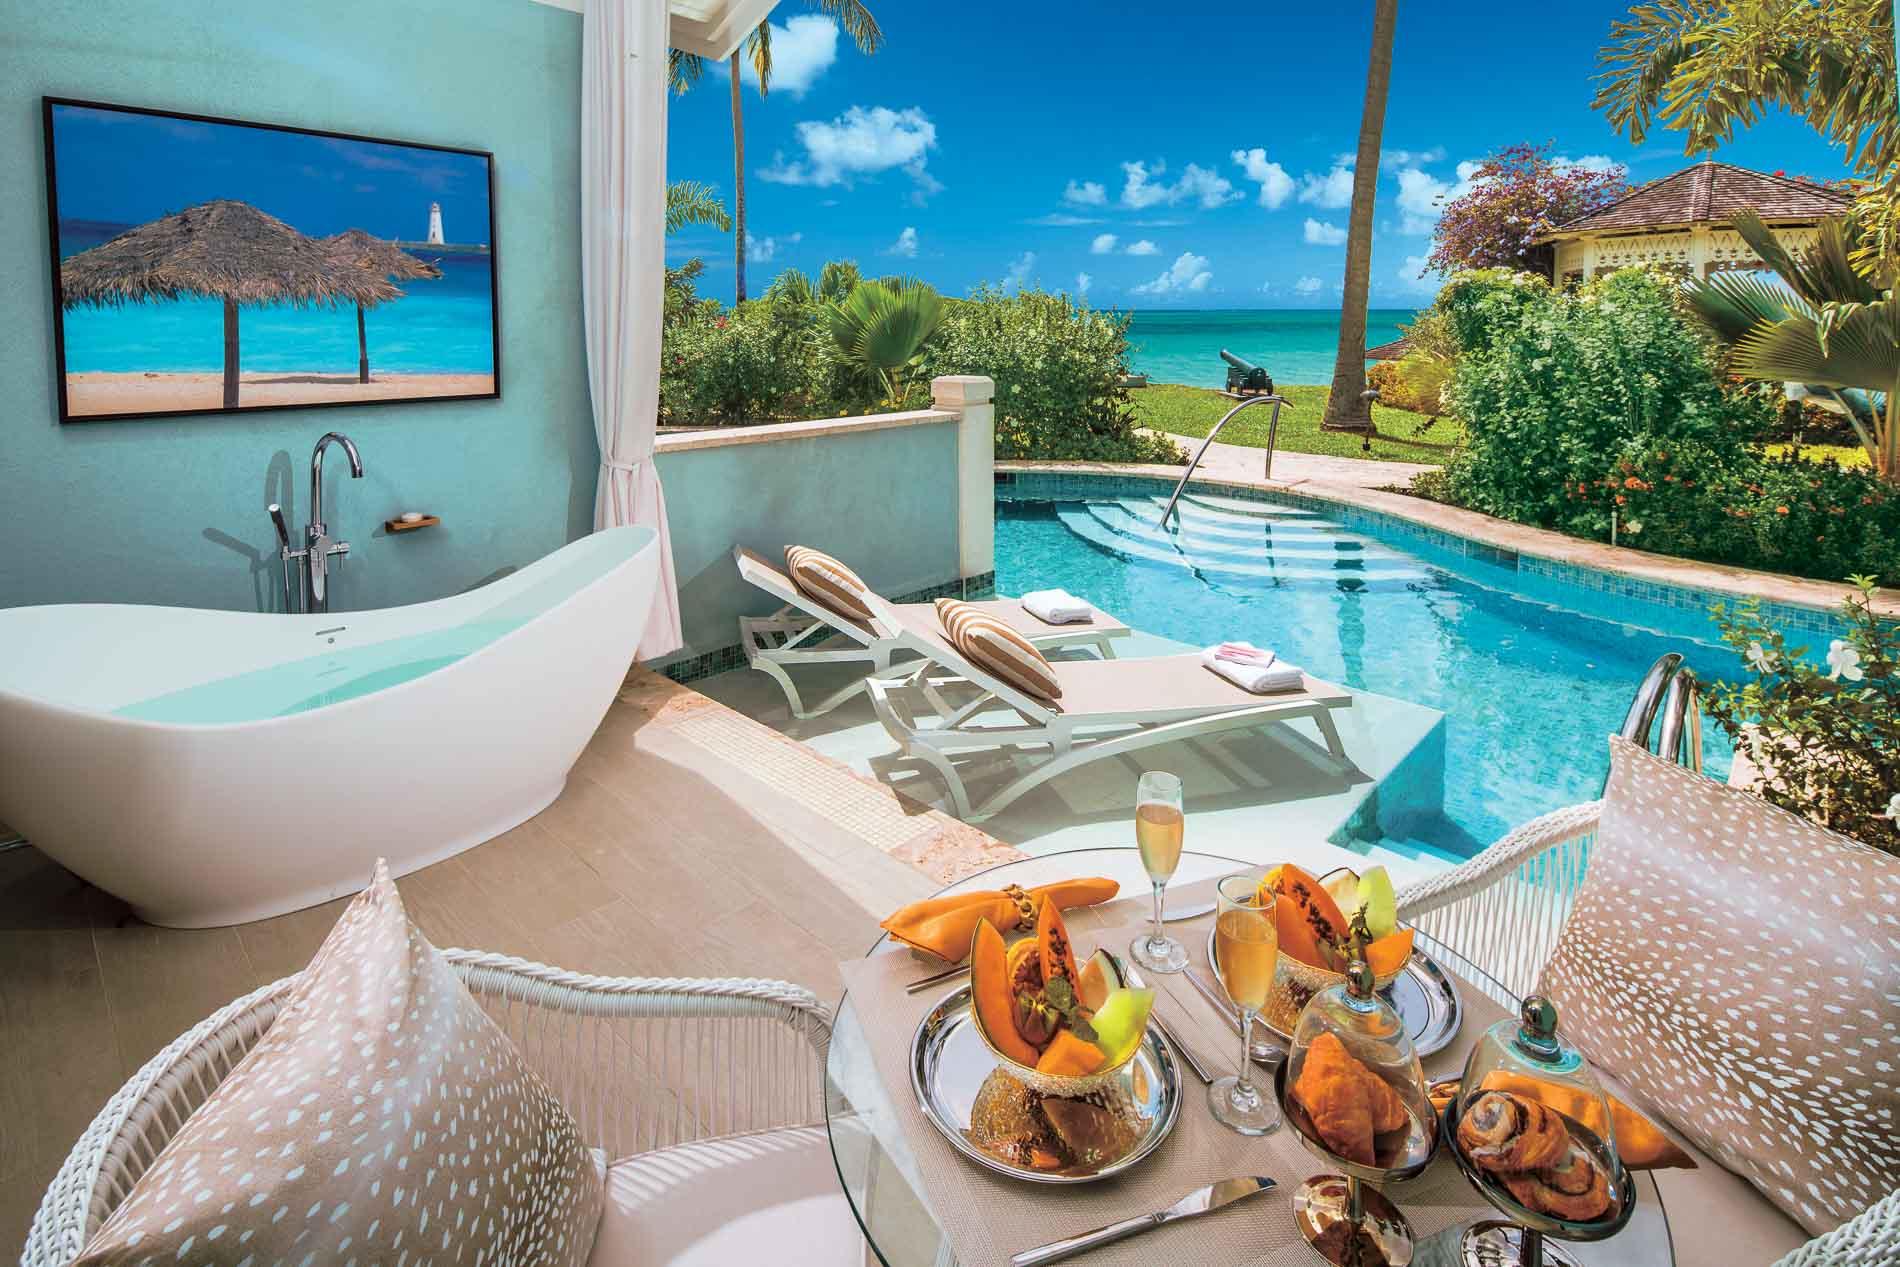 Sandals Halcion St Lucia patio